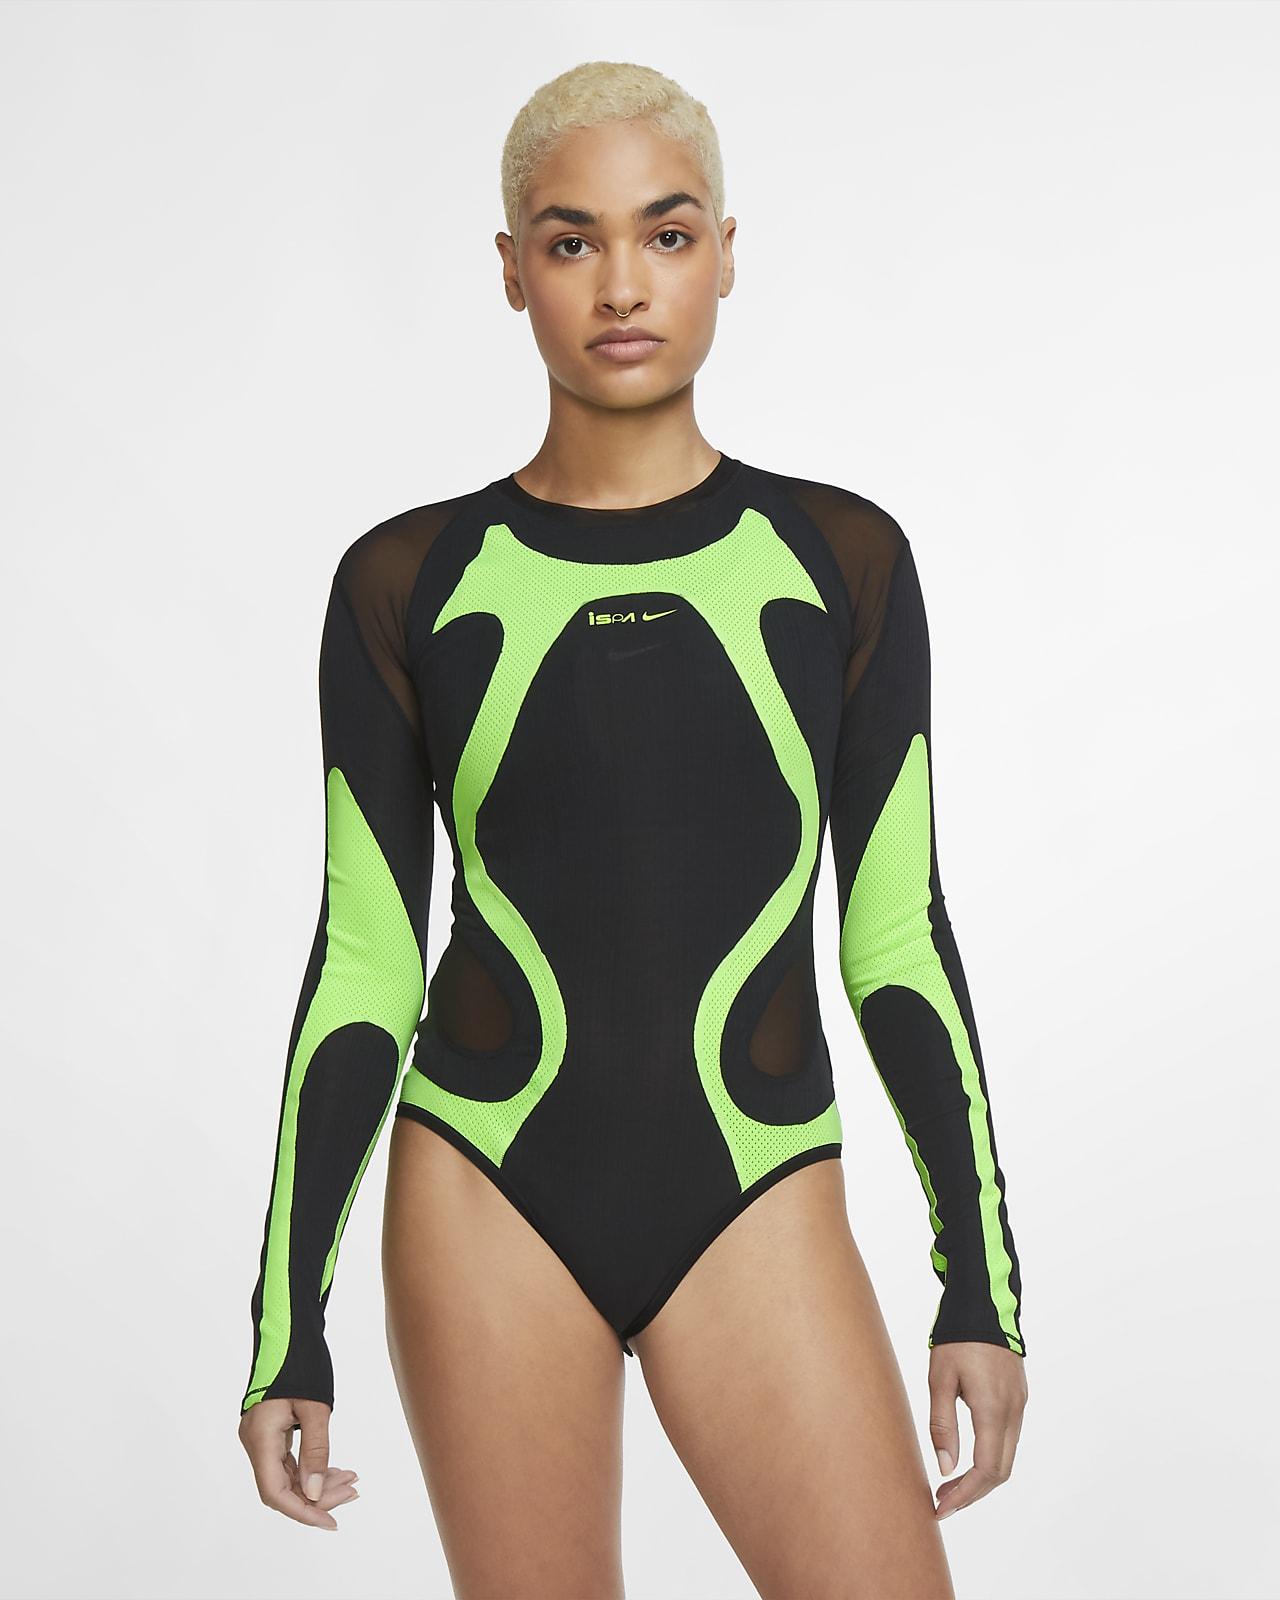 Nike ISPA Women's Bodysuit